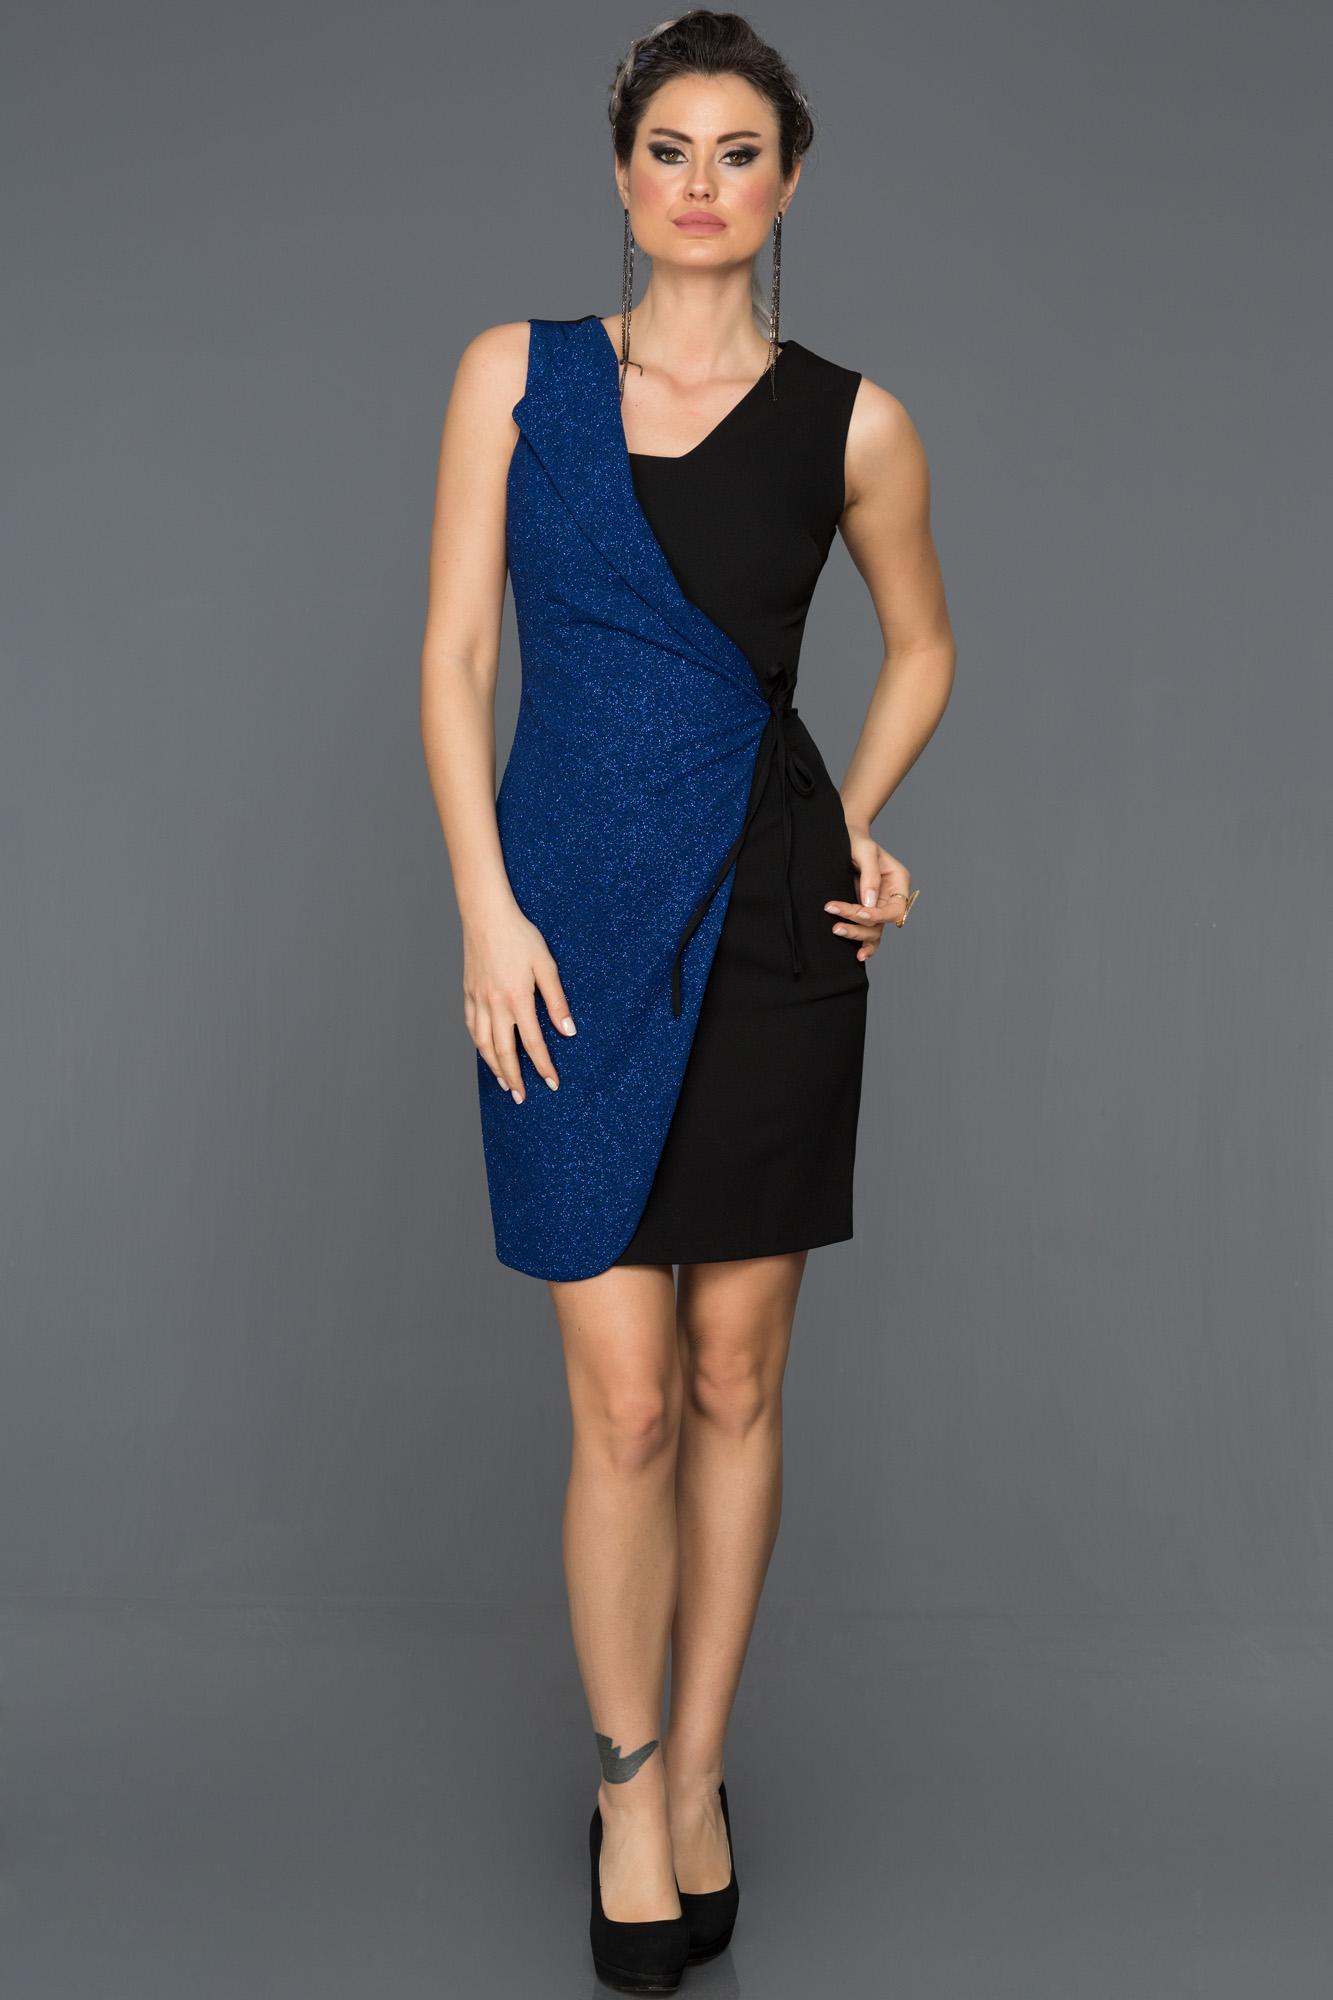 Siyah-Saks Mavi Yandan Bağlamalı Elbise